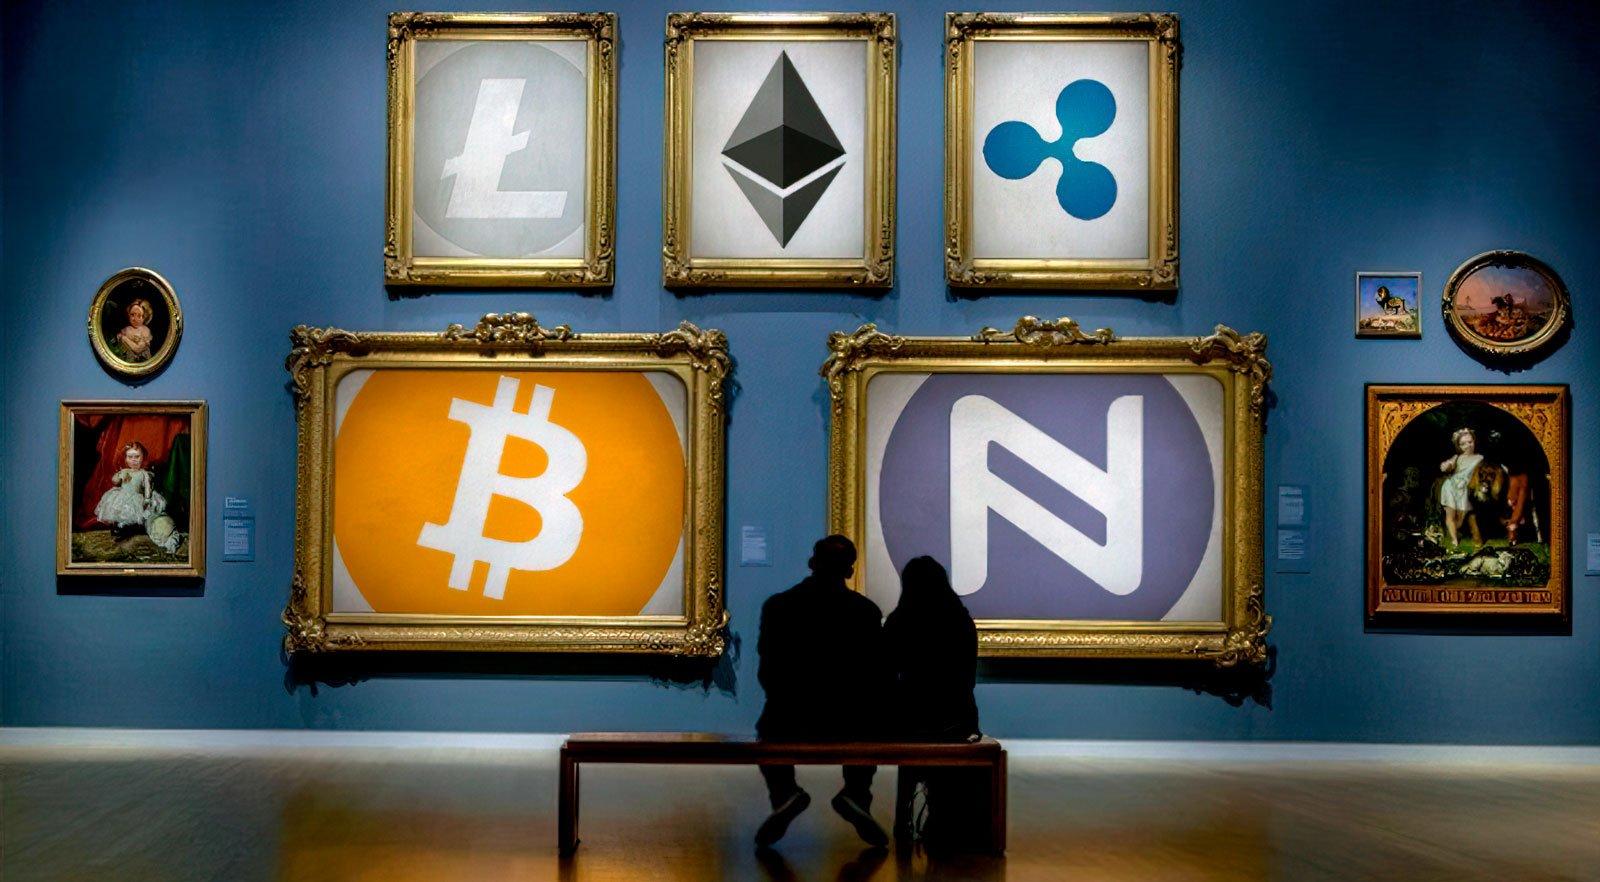 Топ-аналитик назвал 8 криптовалют, которые могут принести наибольшую прибыль